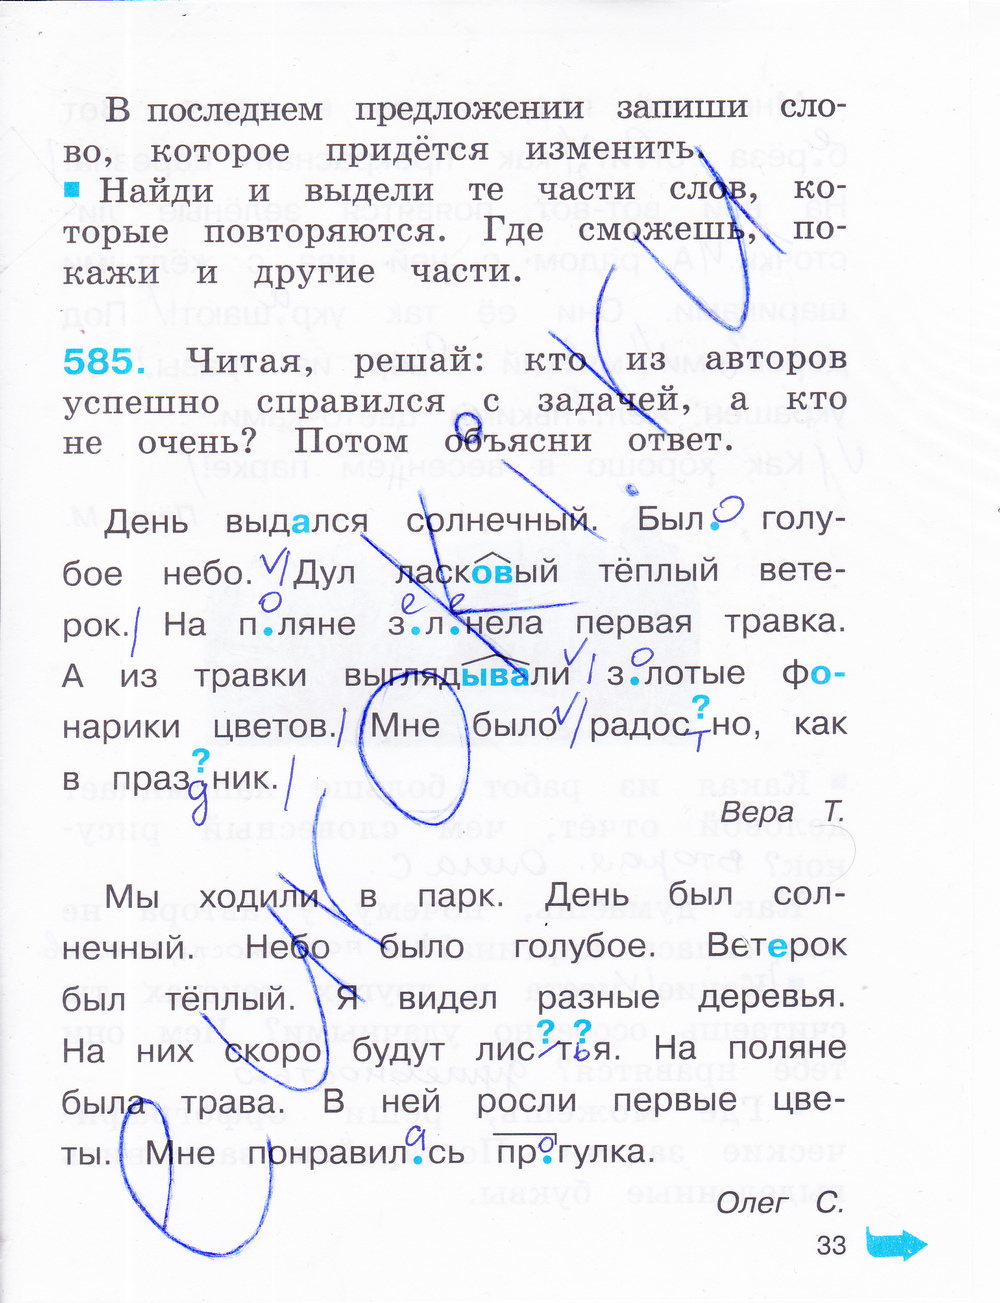 Решебник по рабочей тетради по русскому языку 2 класс соловейчик